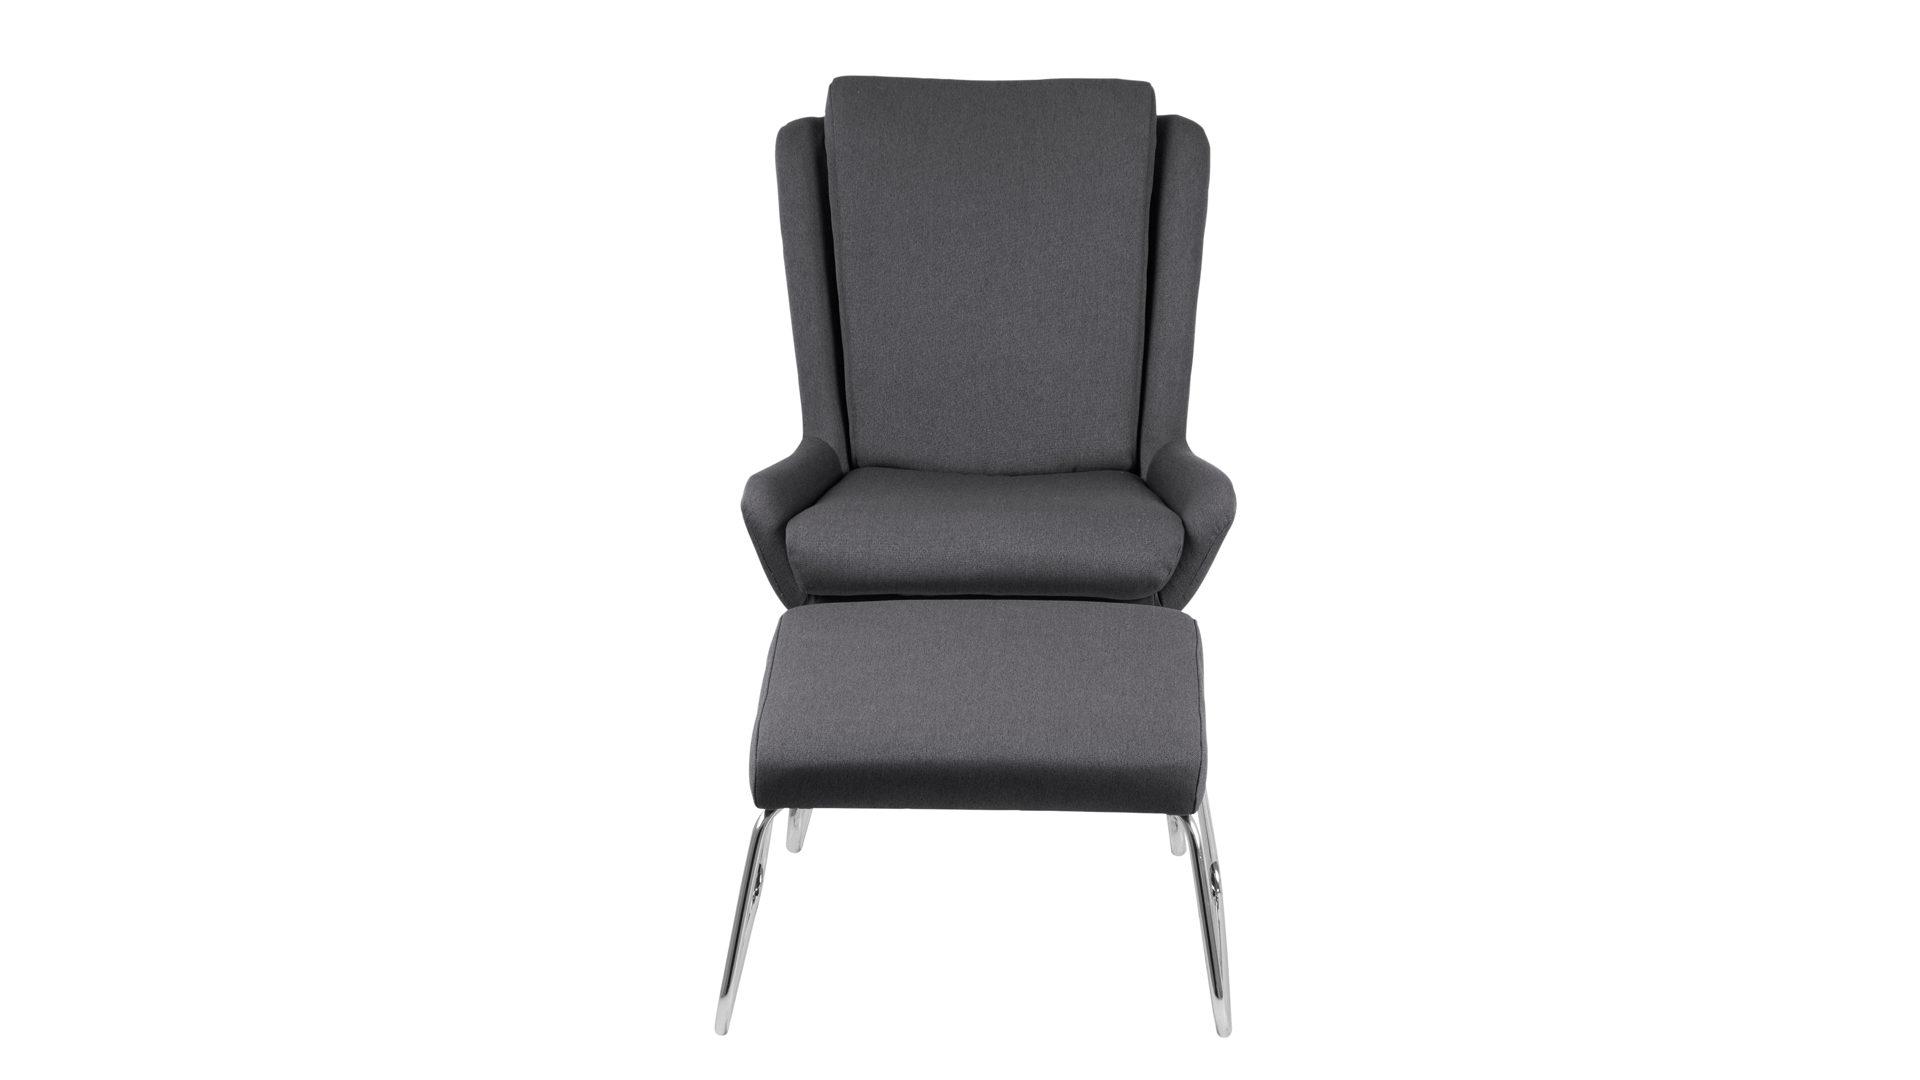 Lounge Sessel Mit Hocker Als Loungemobel Mit Komfort Dunkelgrauer